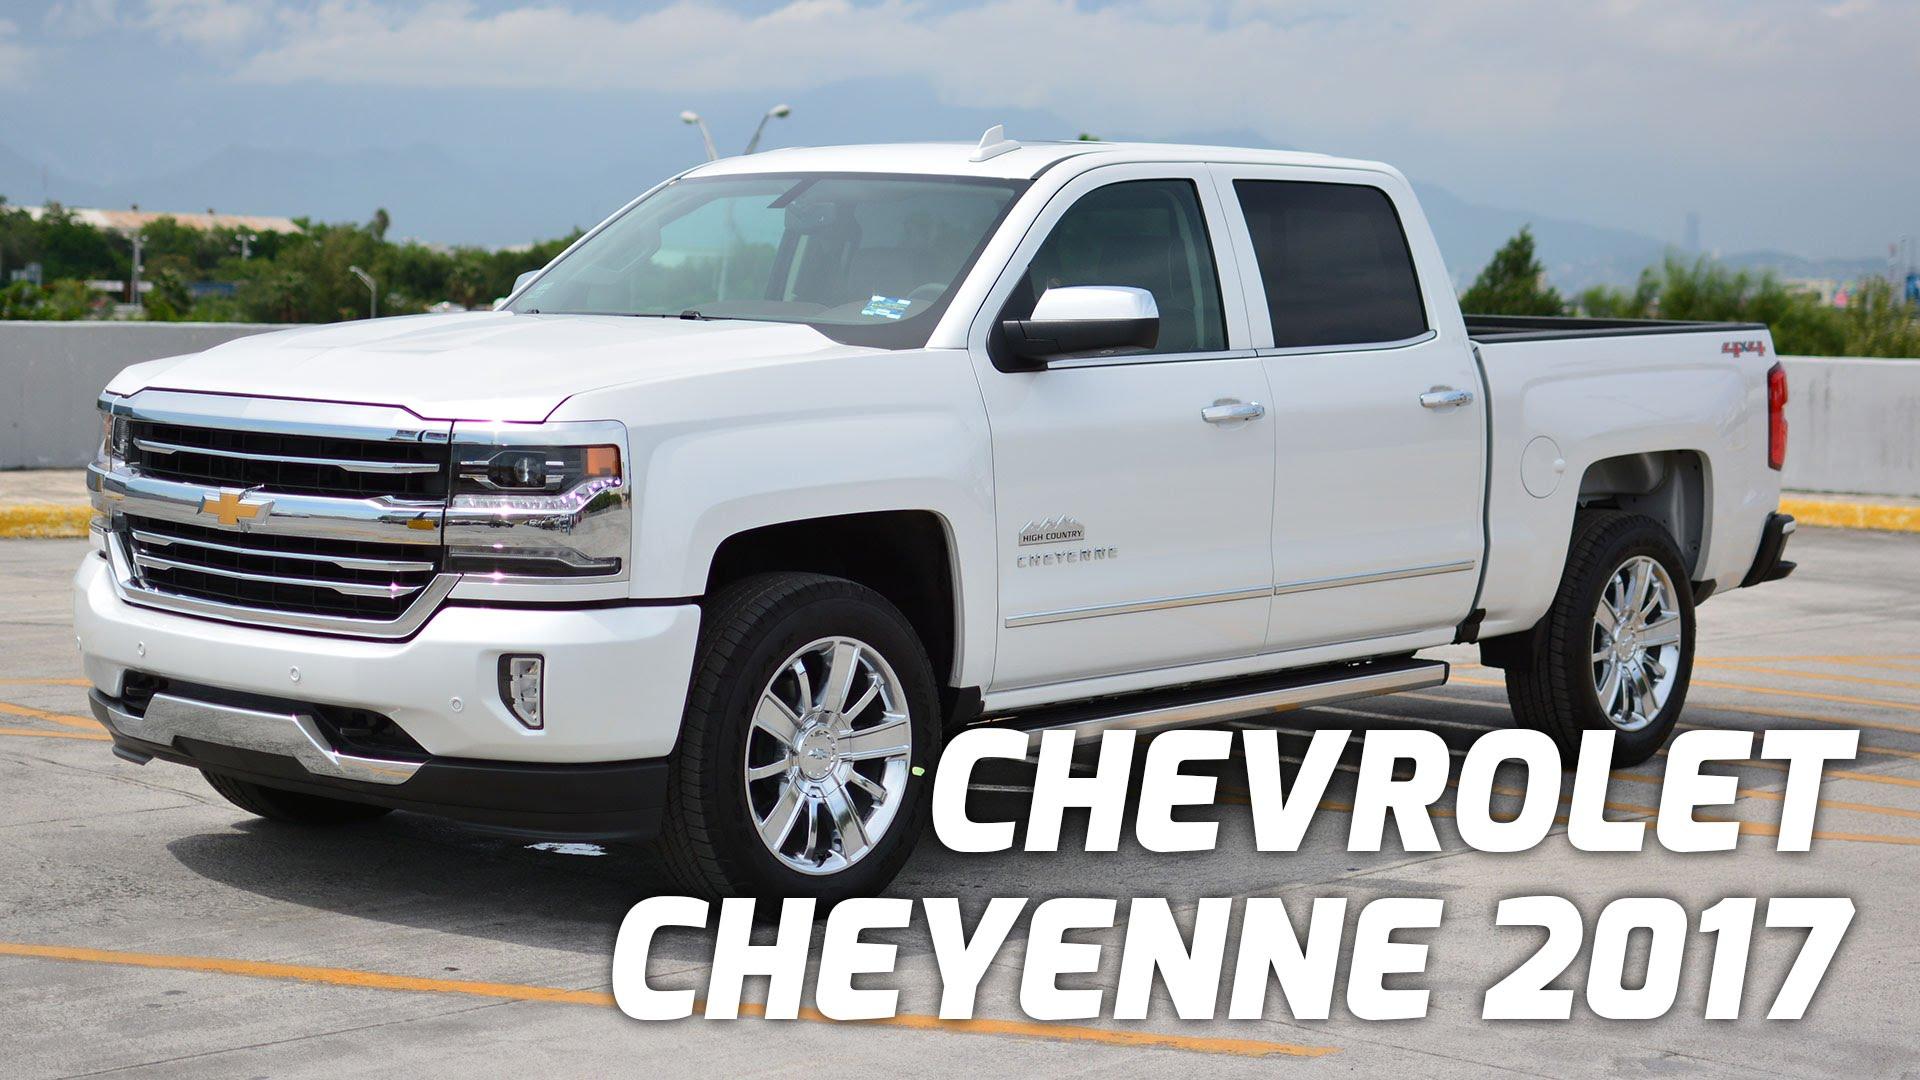 Cheyenne High Country 2018 >> Chevrolet Cheyenne 2017: poderosa, lujosa y hermosa. | Lista de Carros